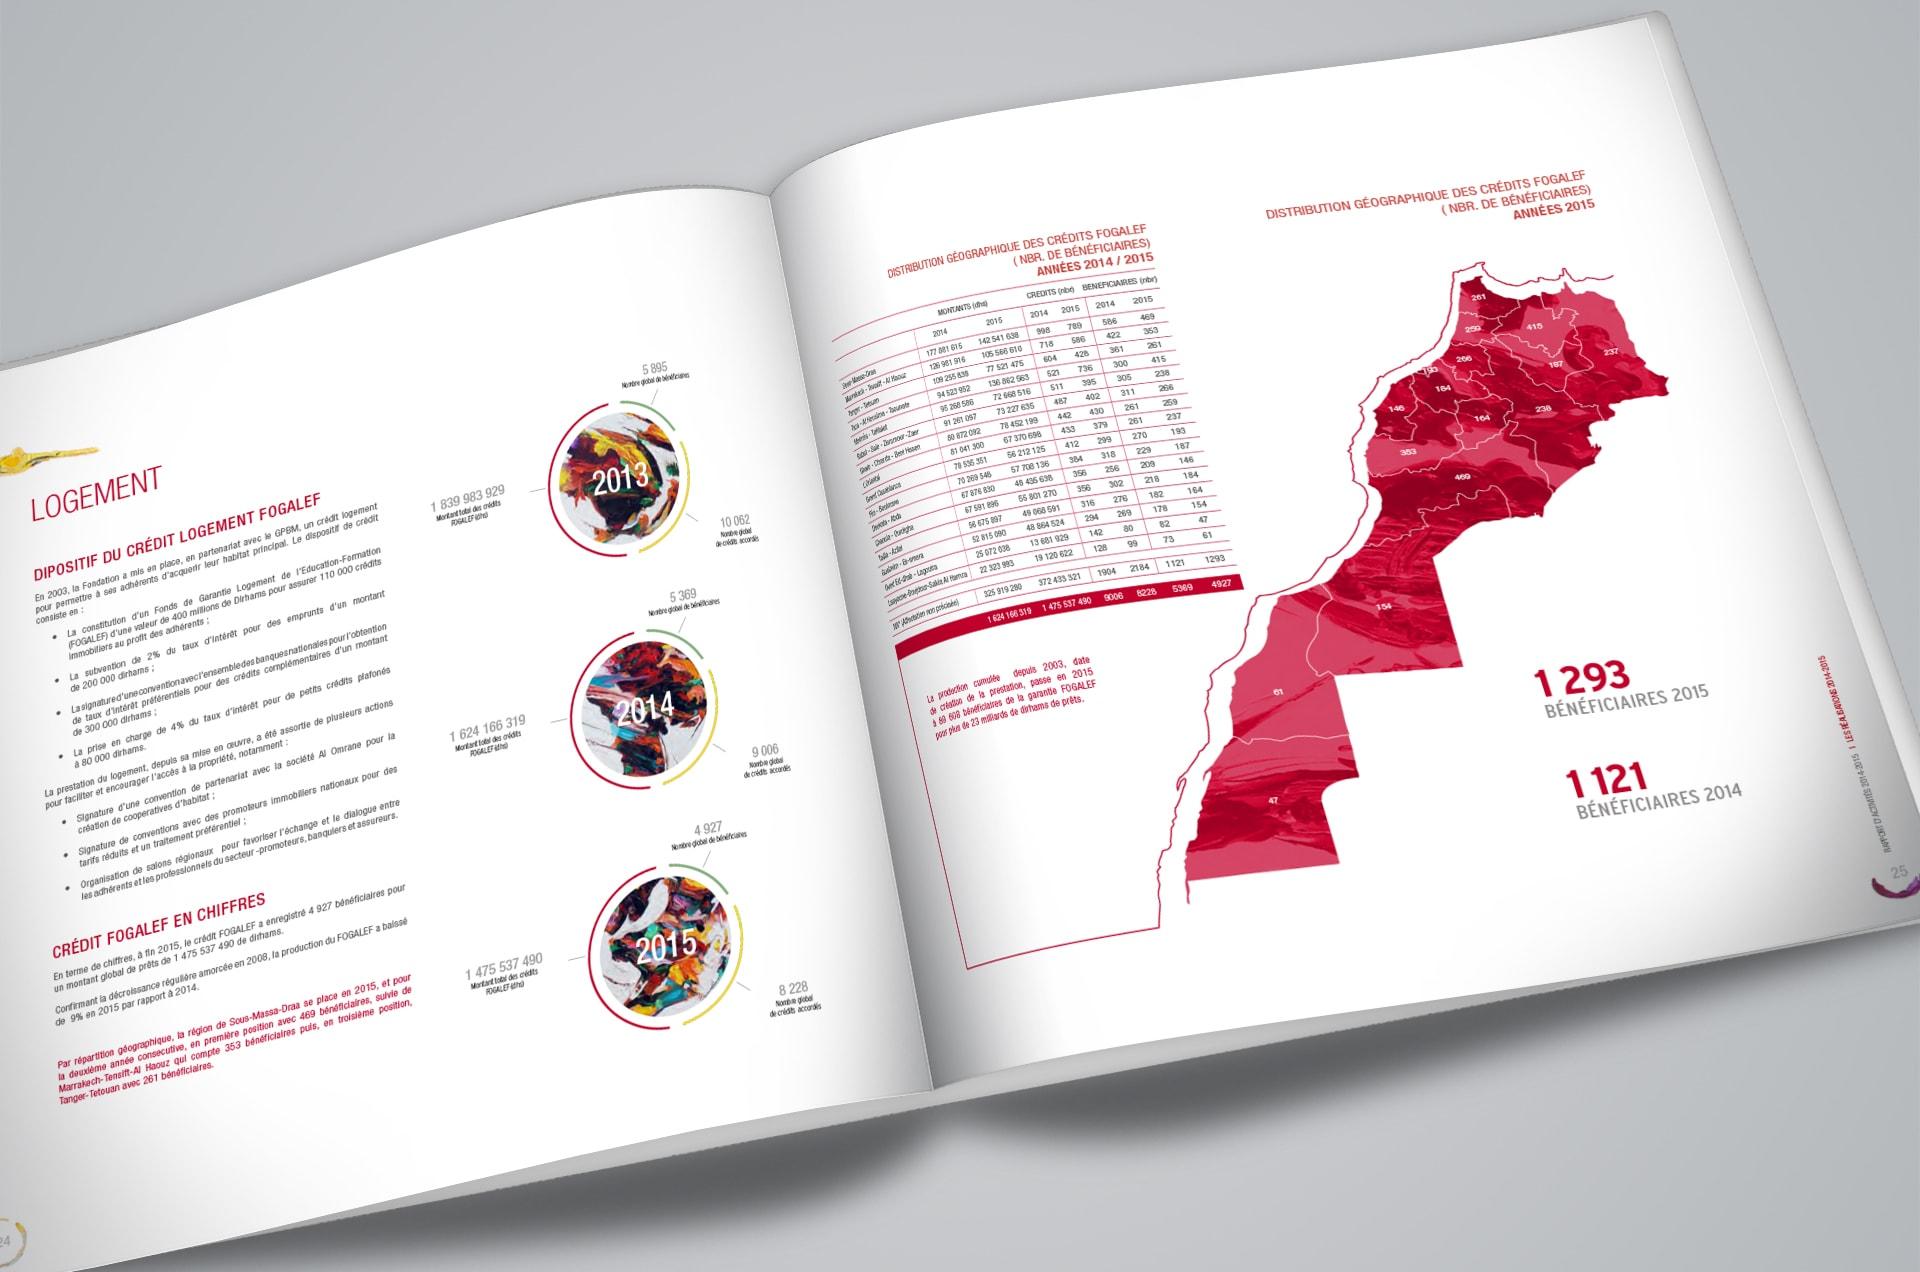 Fondation Mohammed VI de Promotion des Ouvres Sociales de l'Education Formation